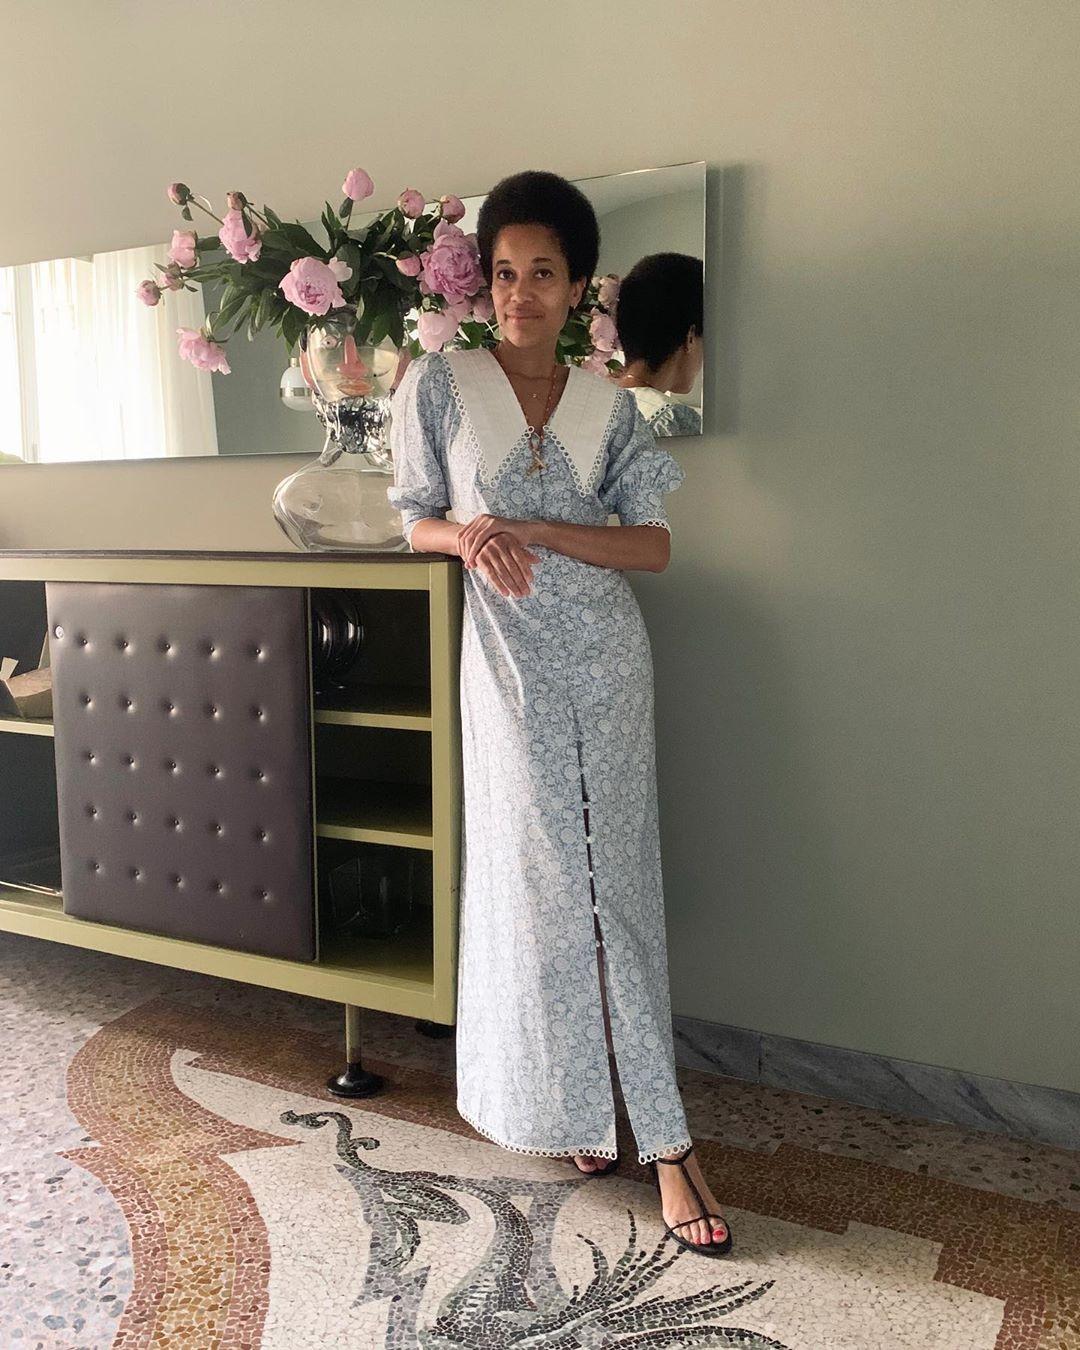 Vestido vitoriano: aposte nos elementos clássicos da tendência, como golas altas ou redondas, estampas florais e comprimentos longos (Foto: Reprodução/Instagram)